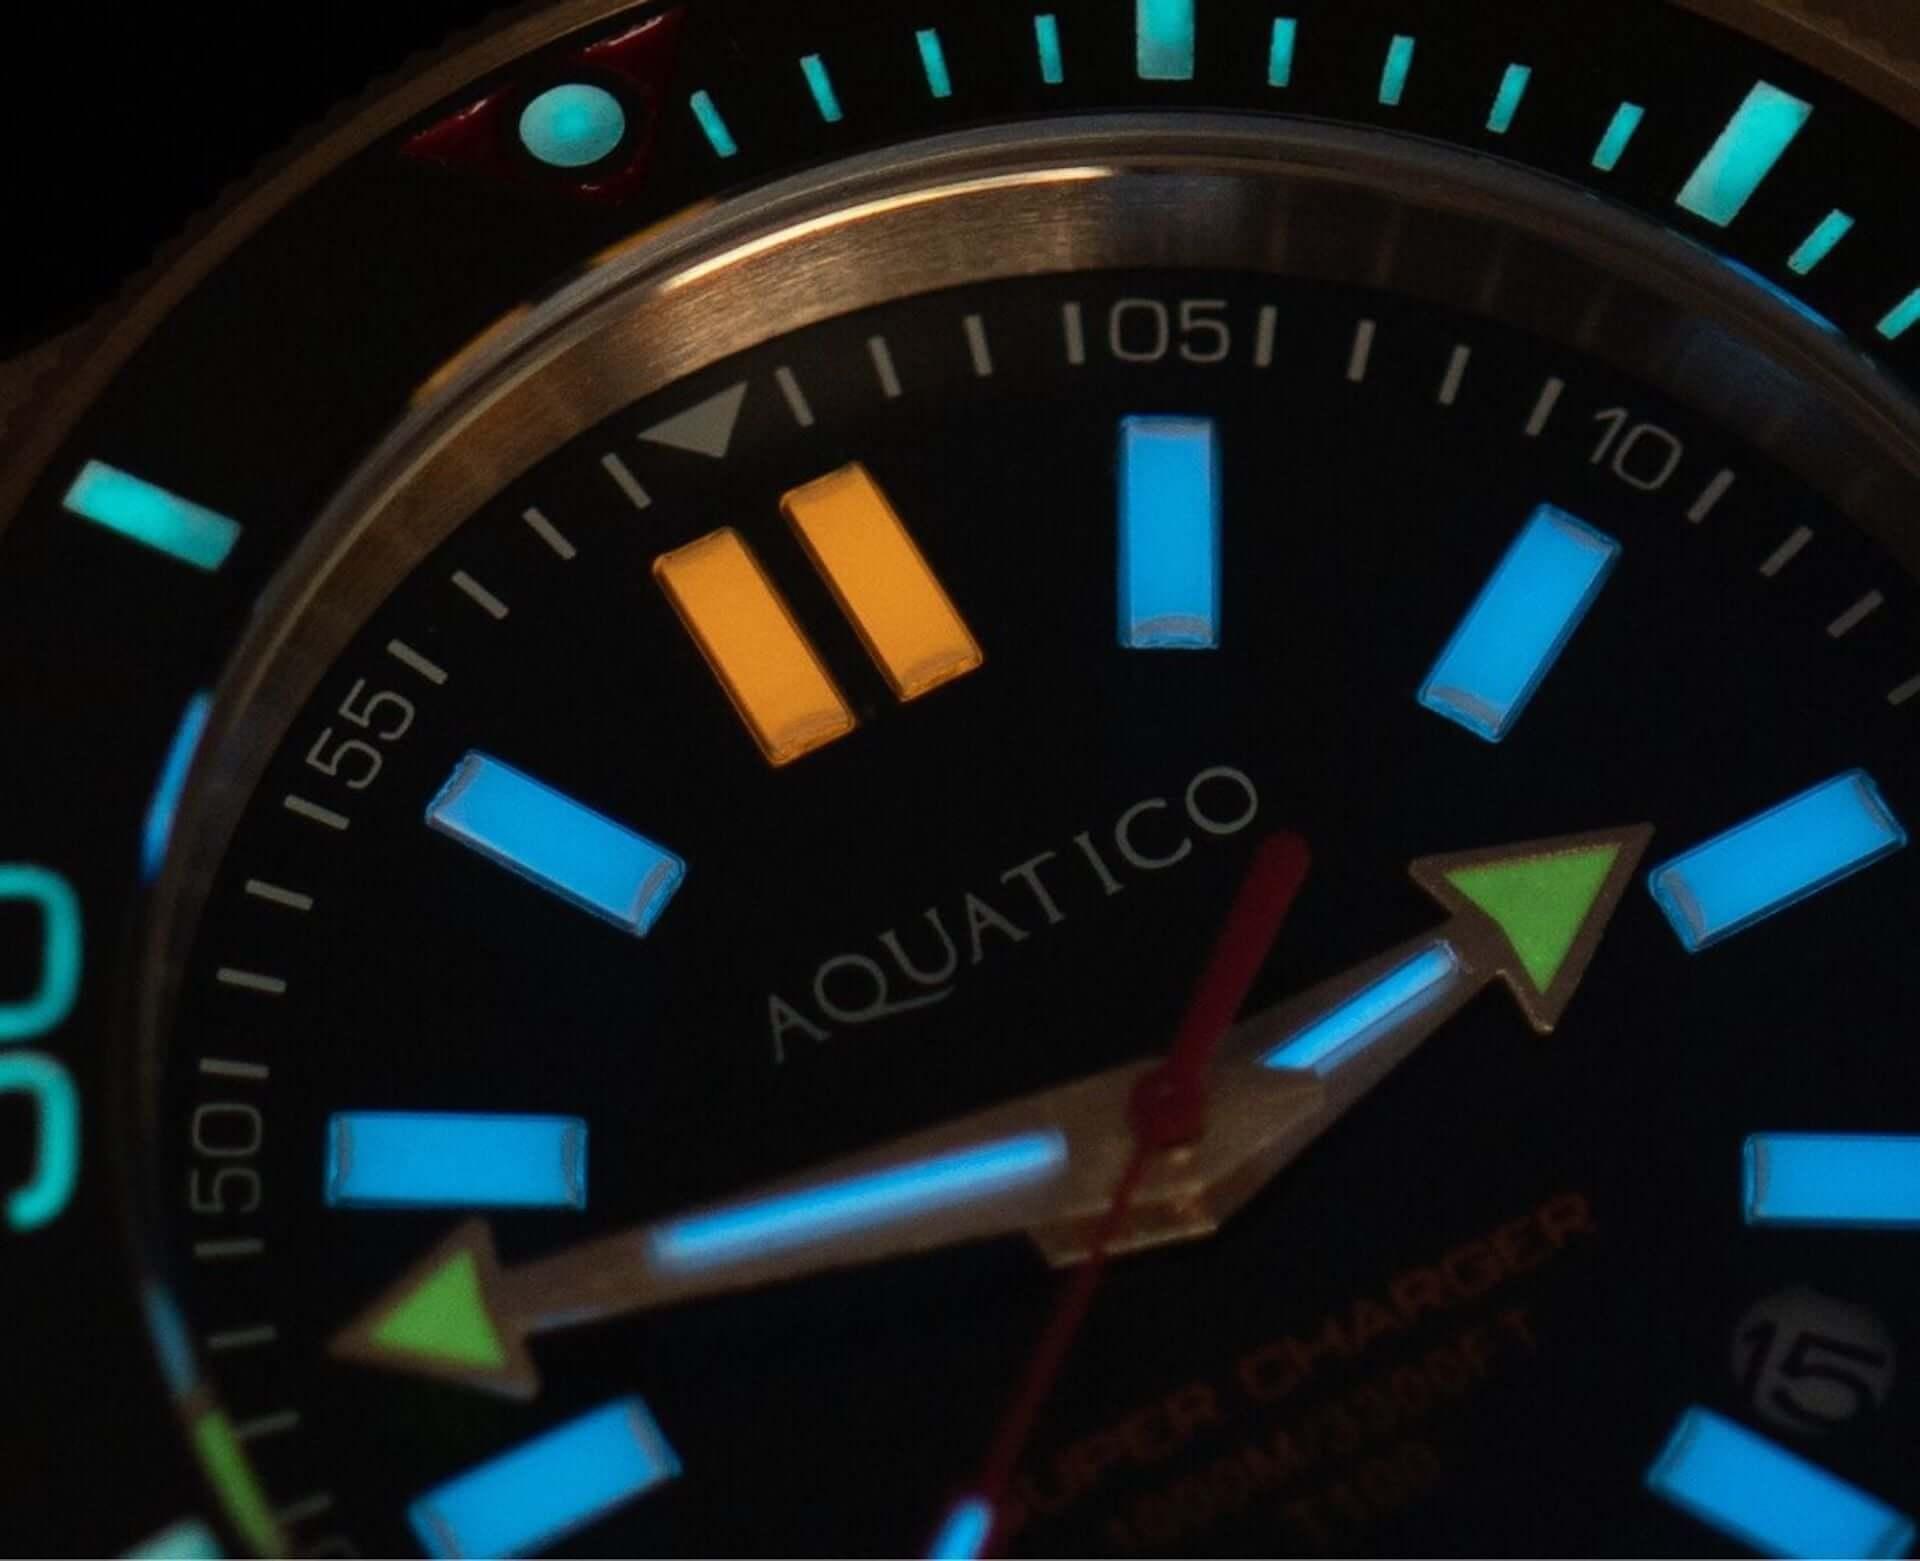 防水性1000mのプロスペック・ダイバーズウォッチ『Super Charger Dive 1000m』がクラウドファンディング「Makuake」に登場! lf200630_super_charger_dive_9-1920x1561